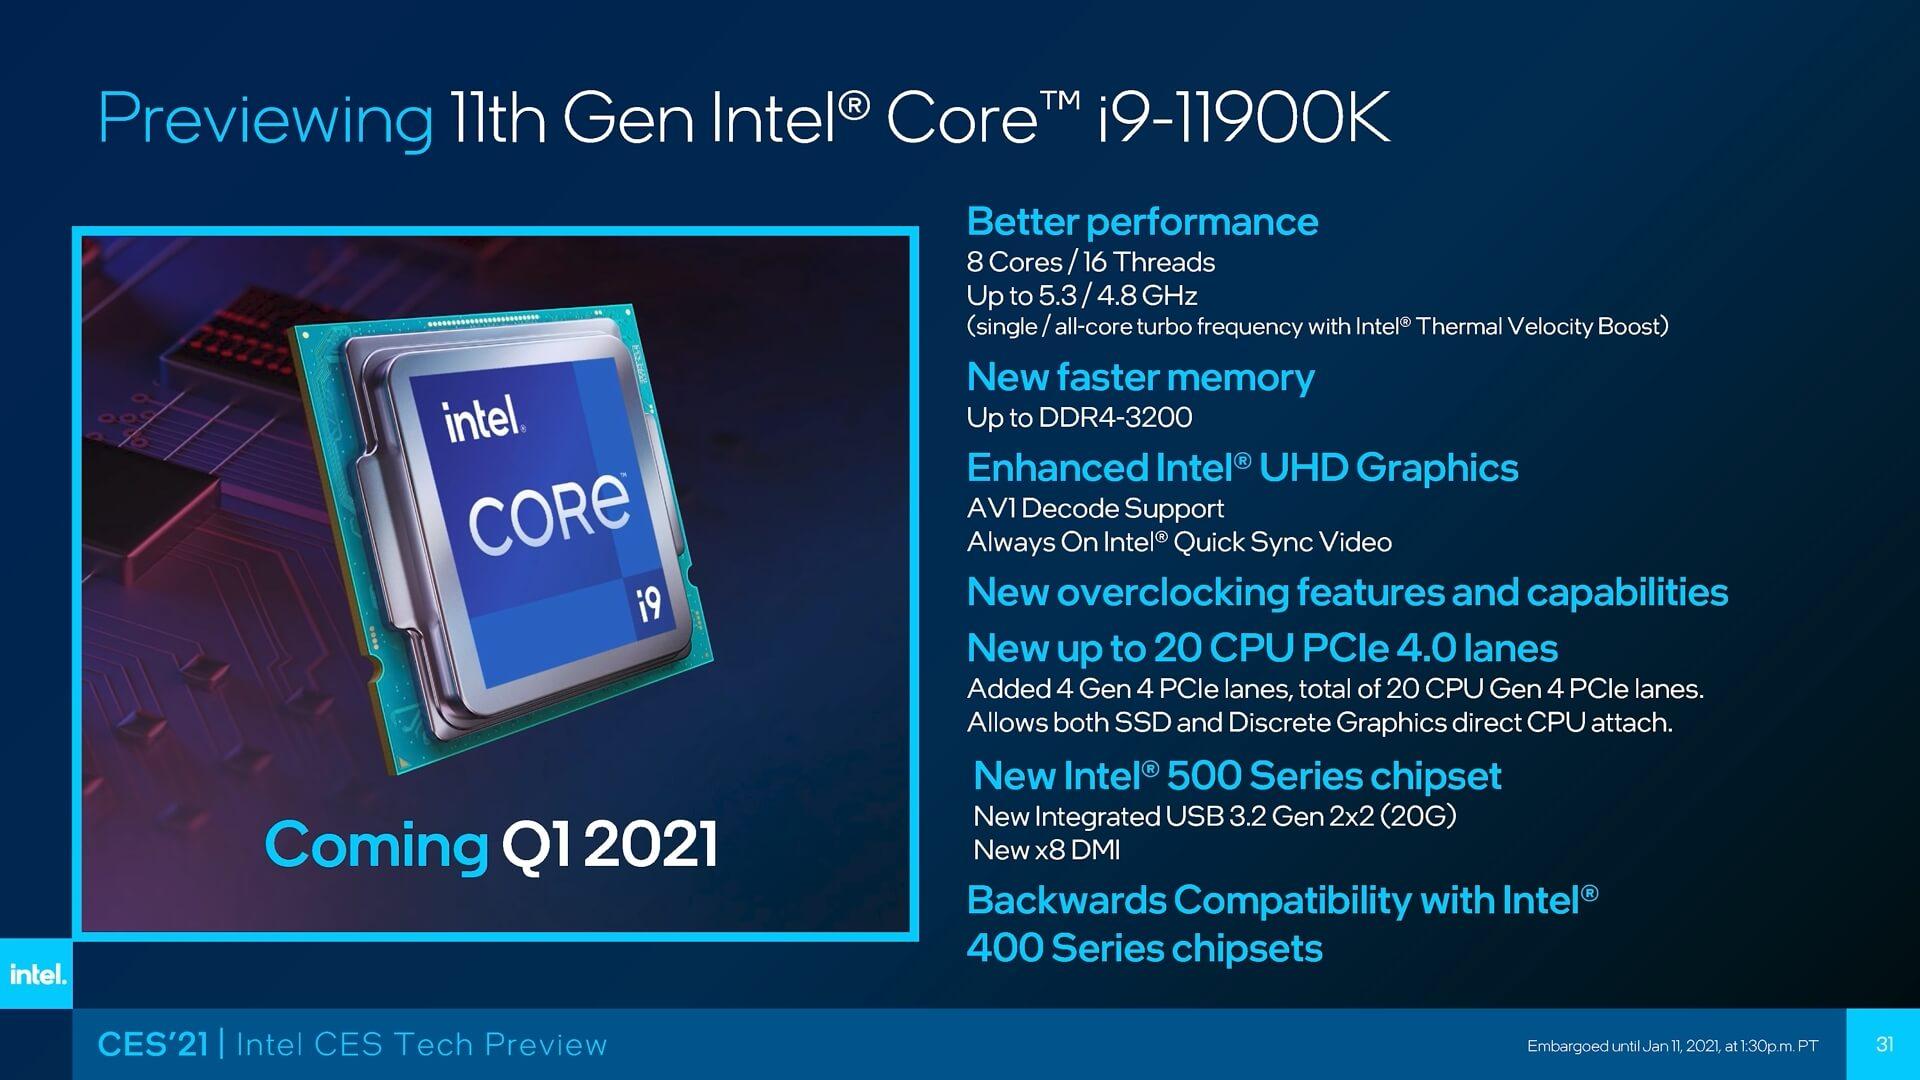 Intel Core i9 11900k Specs: